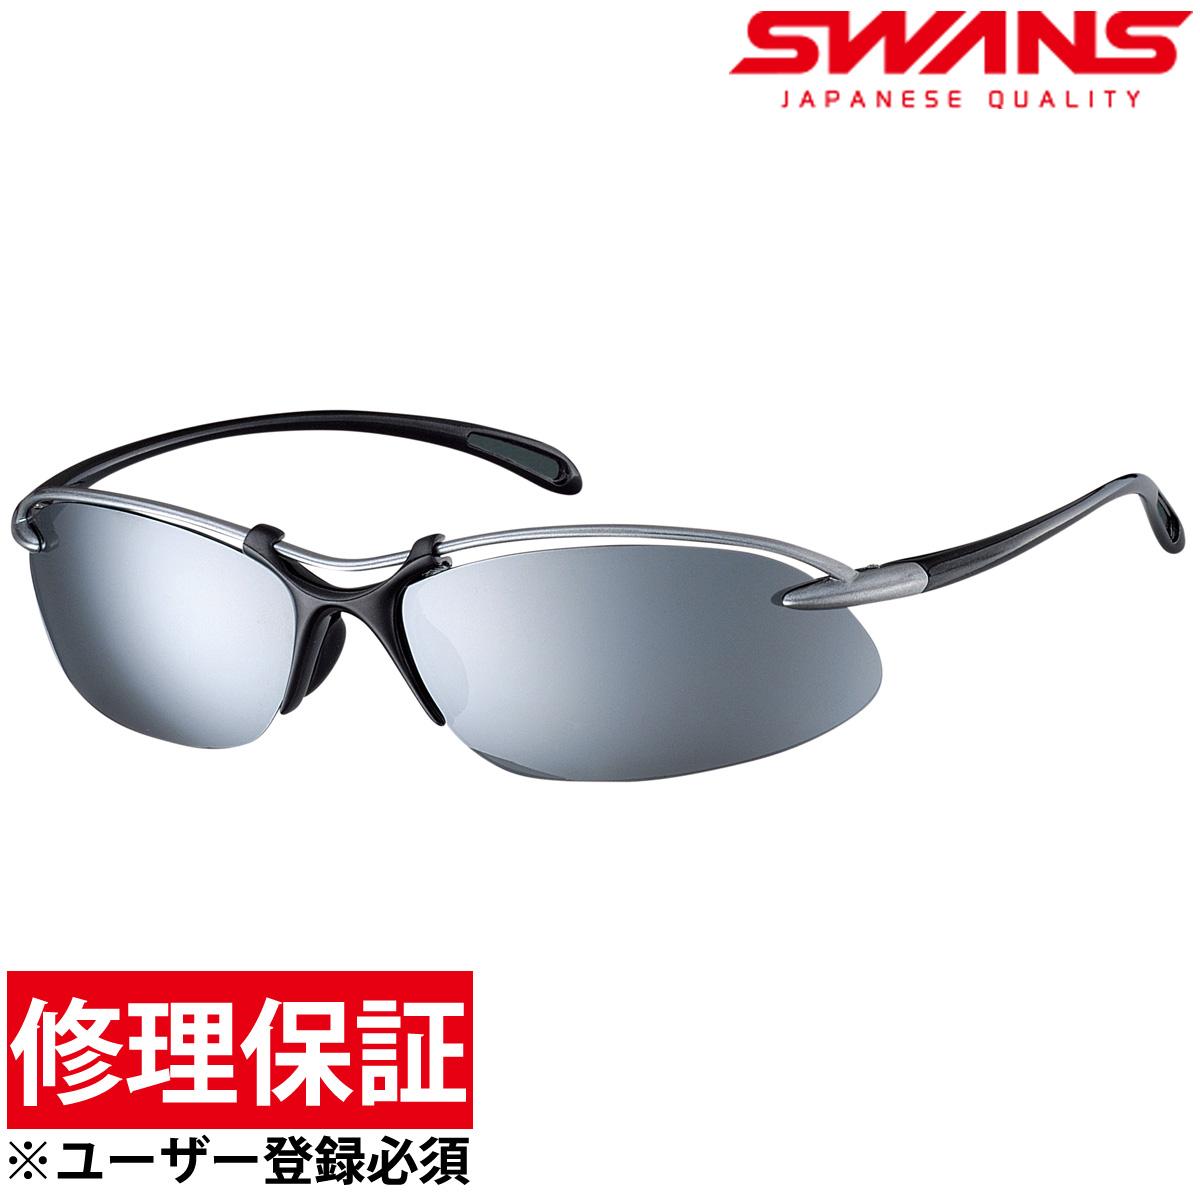 サングラス エアレスウェイブ SA-505 スポーツグラス ミラーレンズ ゴルフ UV 紫外線 カット SWANS スワンズ